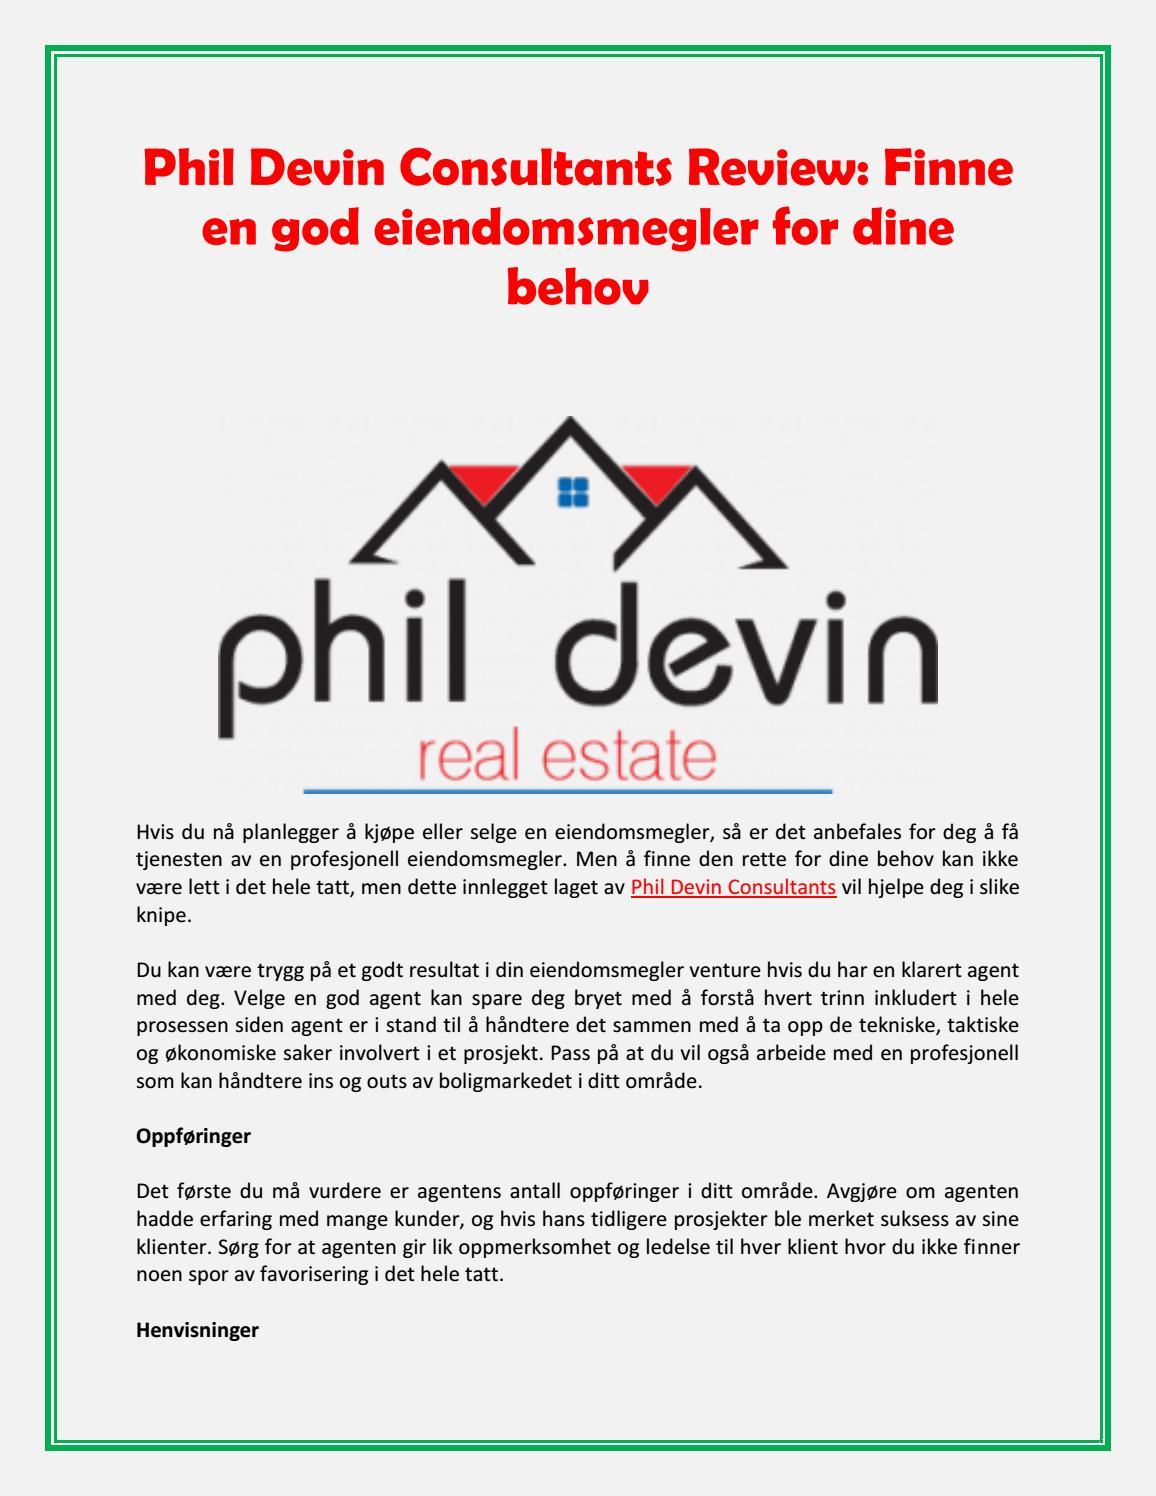 b72201d0 Phil Devin Consultants Review: Finne en god eiendomsmegler for dine behov  by urickkleiber - issuu